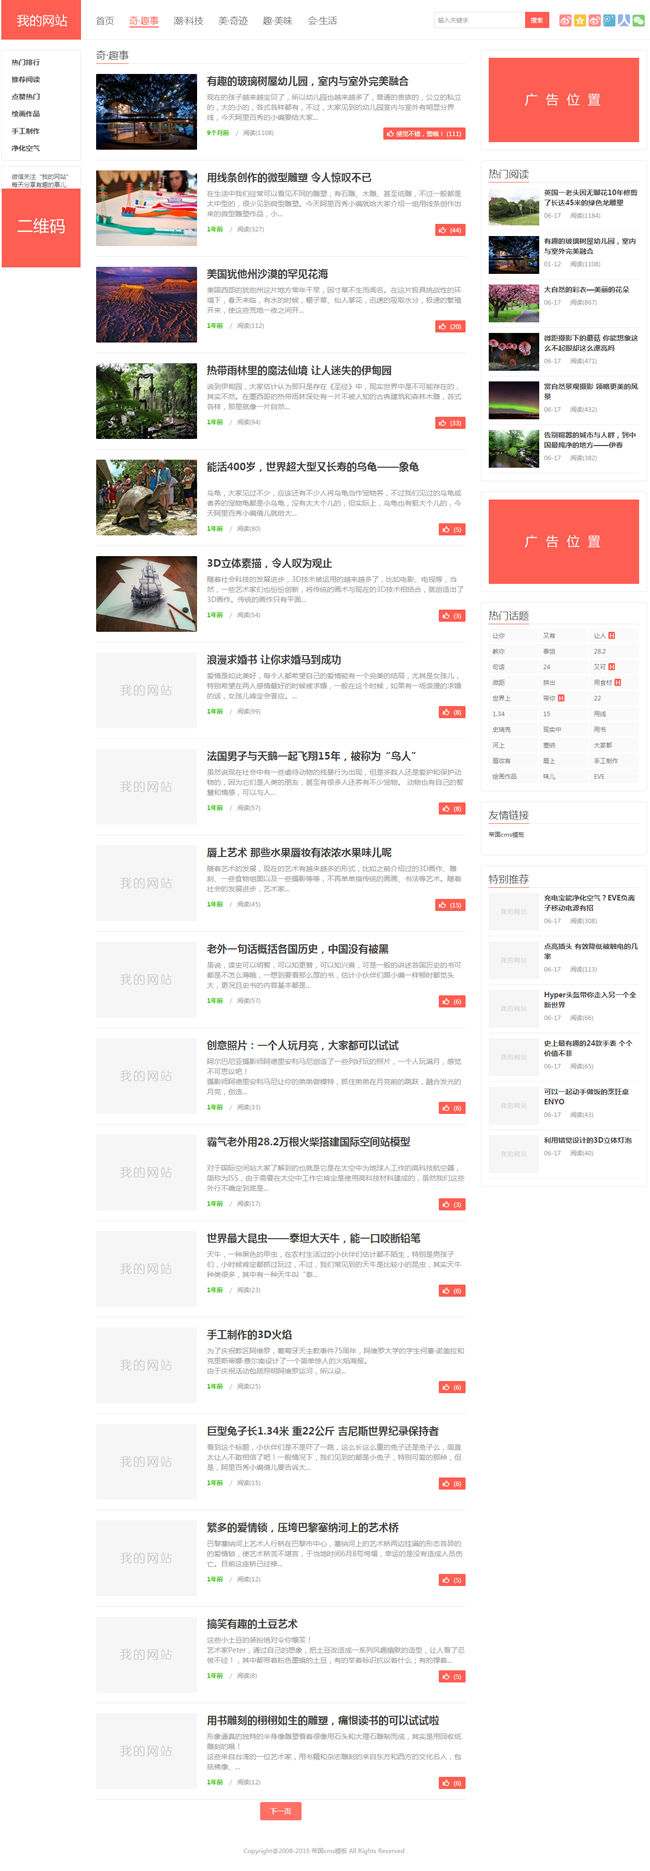 帝国cms橙色html5自适应文章图片模板_列表页